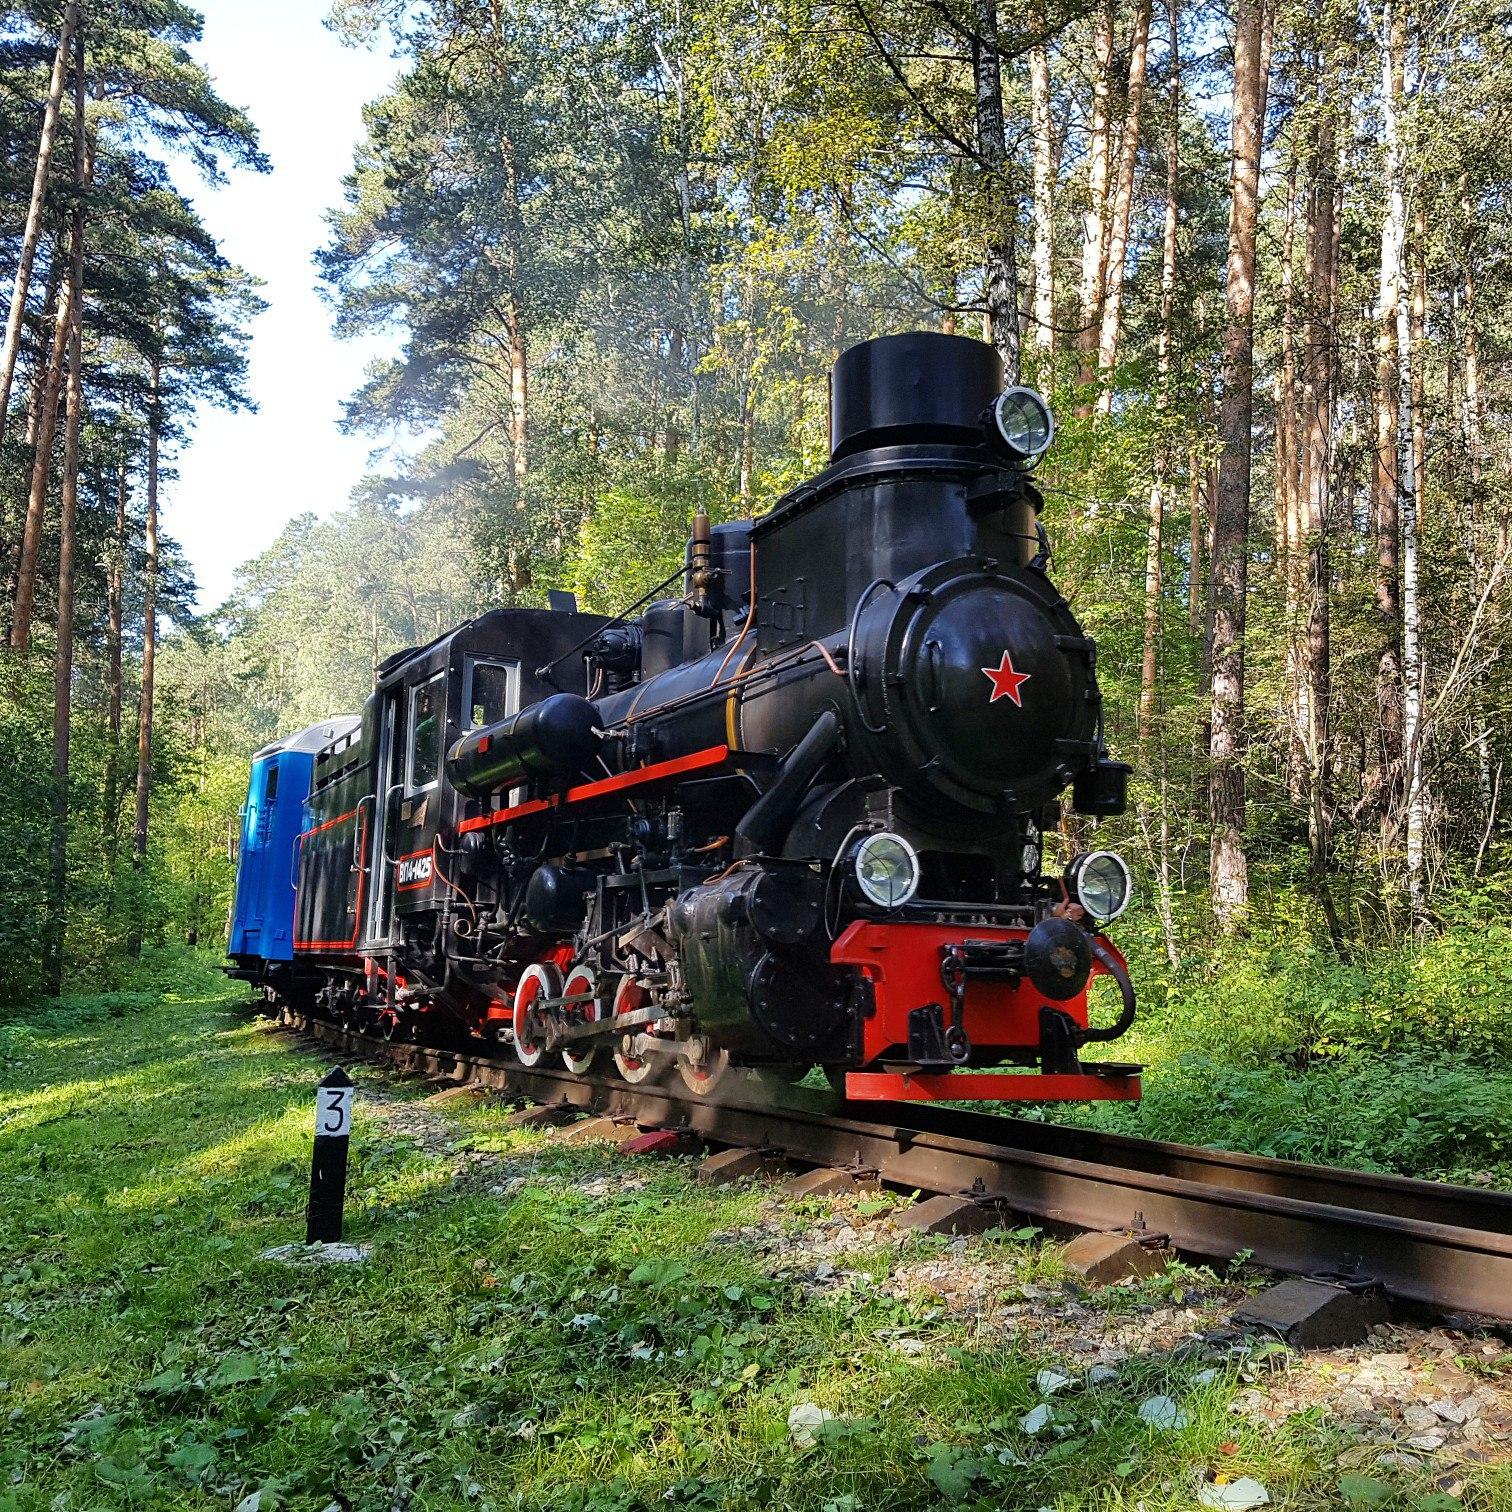 Представители МОО «Железнодорожный транспорт» посетили II всероссийский форум «Сохранение исторического наследия узкоколейных железных дорог»